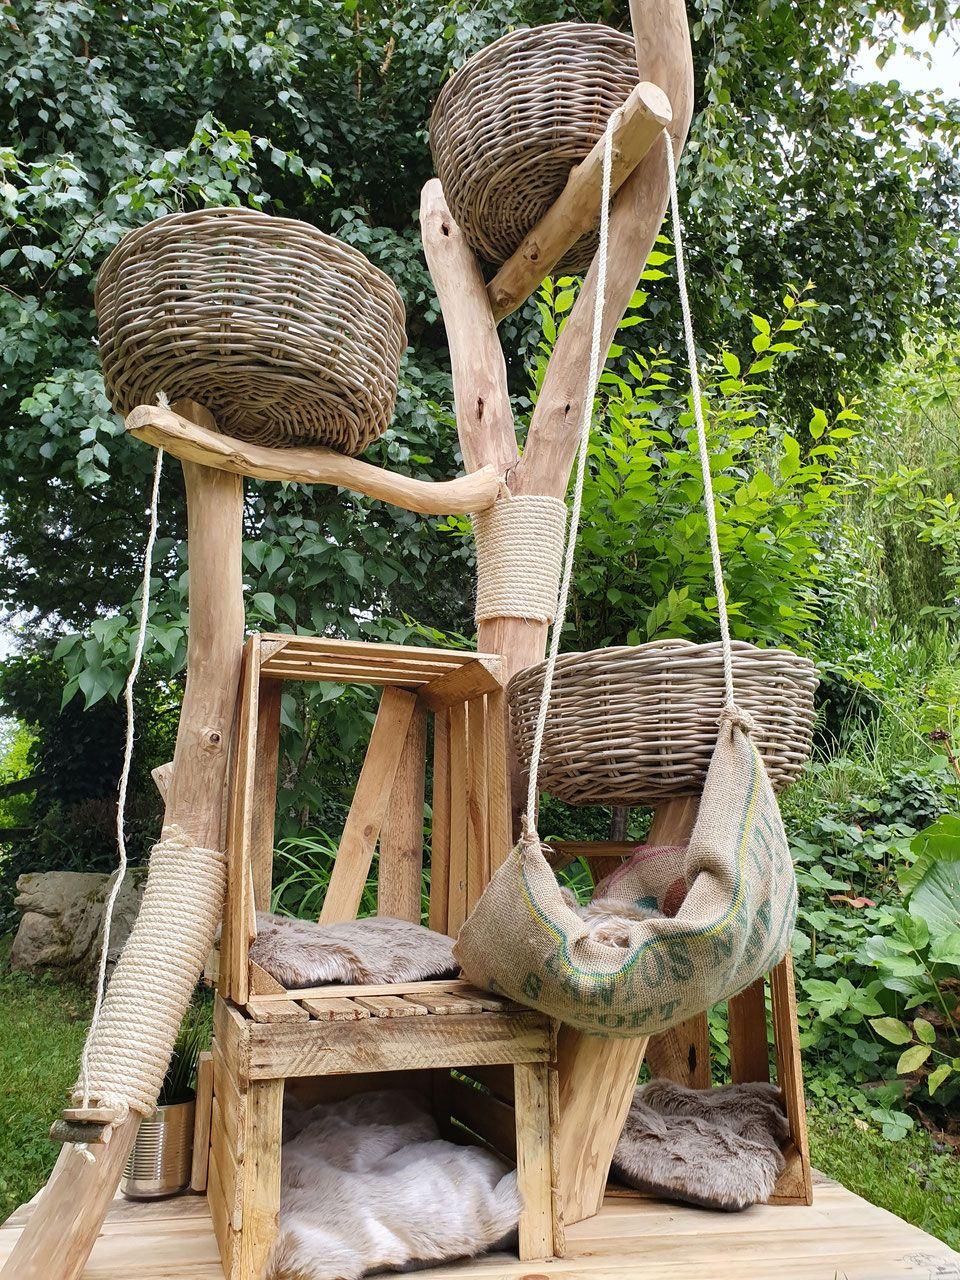 weitere verkaufte Bäume - Naturholzbäume für Katzen